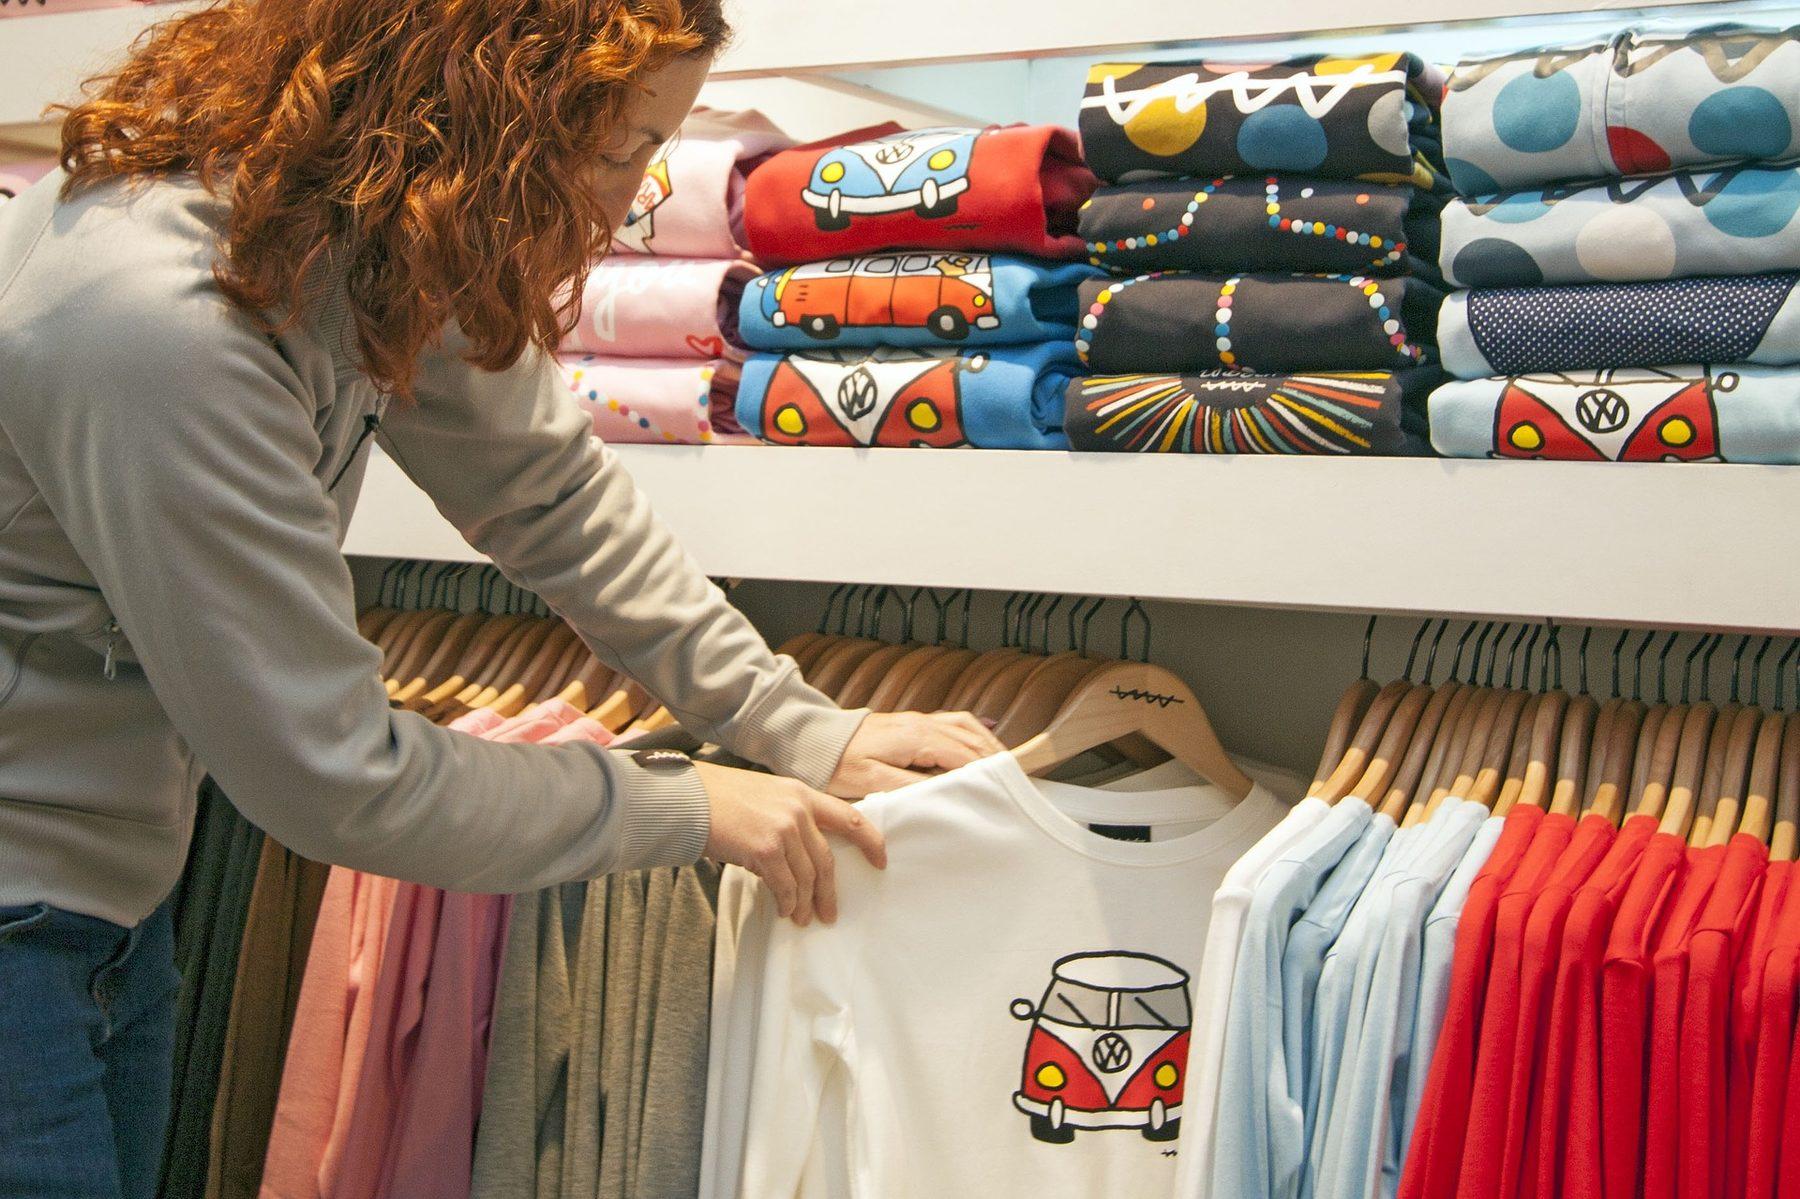 Site Image (Clothes, Shop, Assistant, Shopper, Charity, Retail)